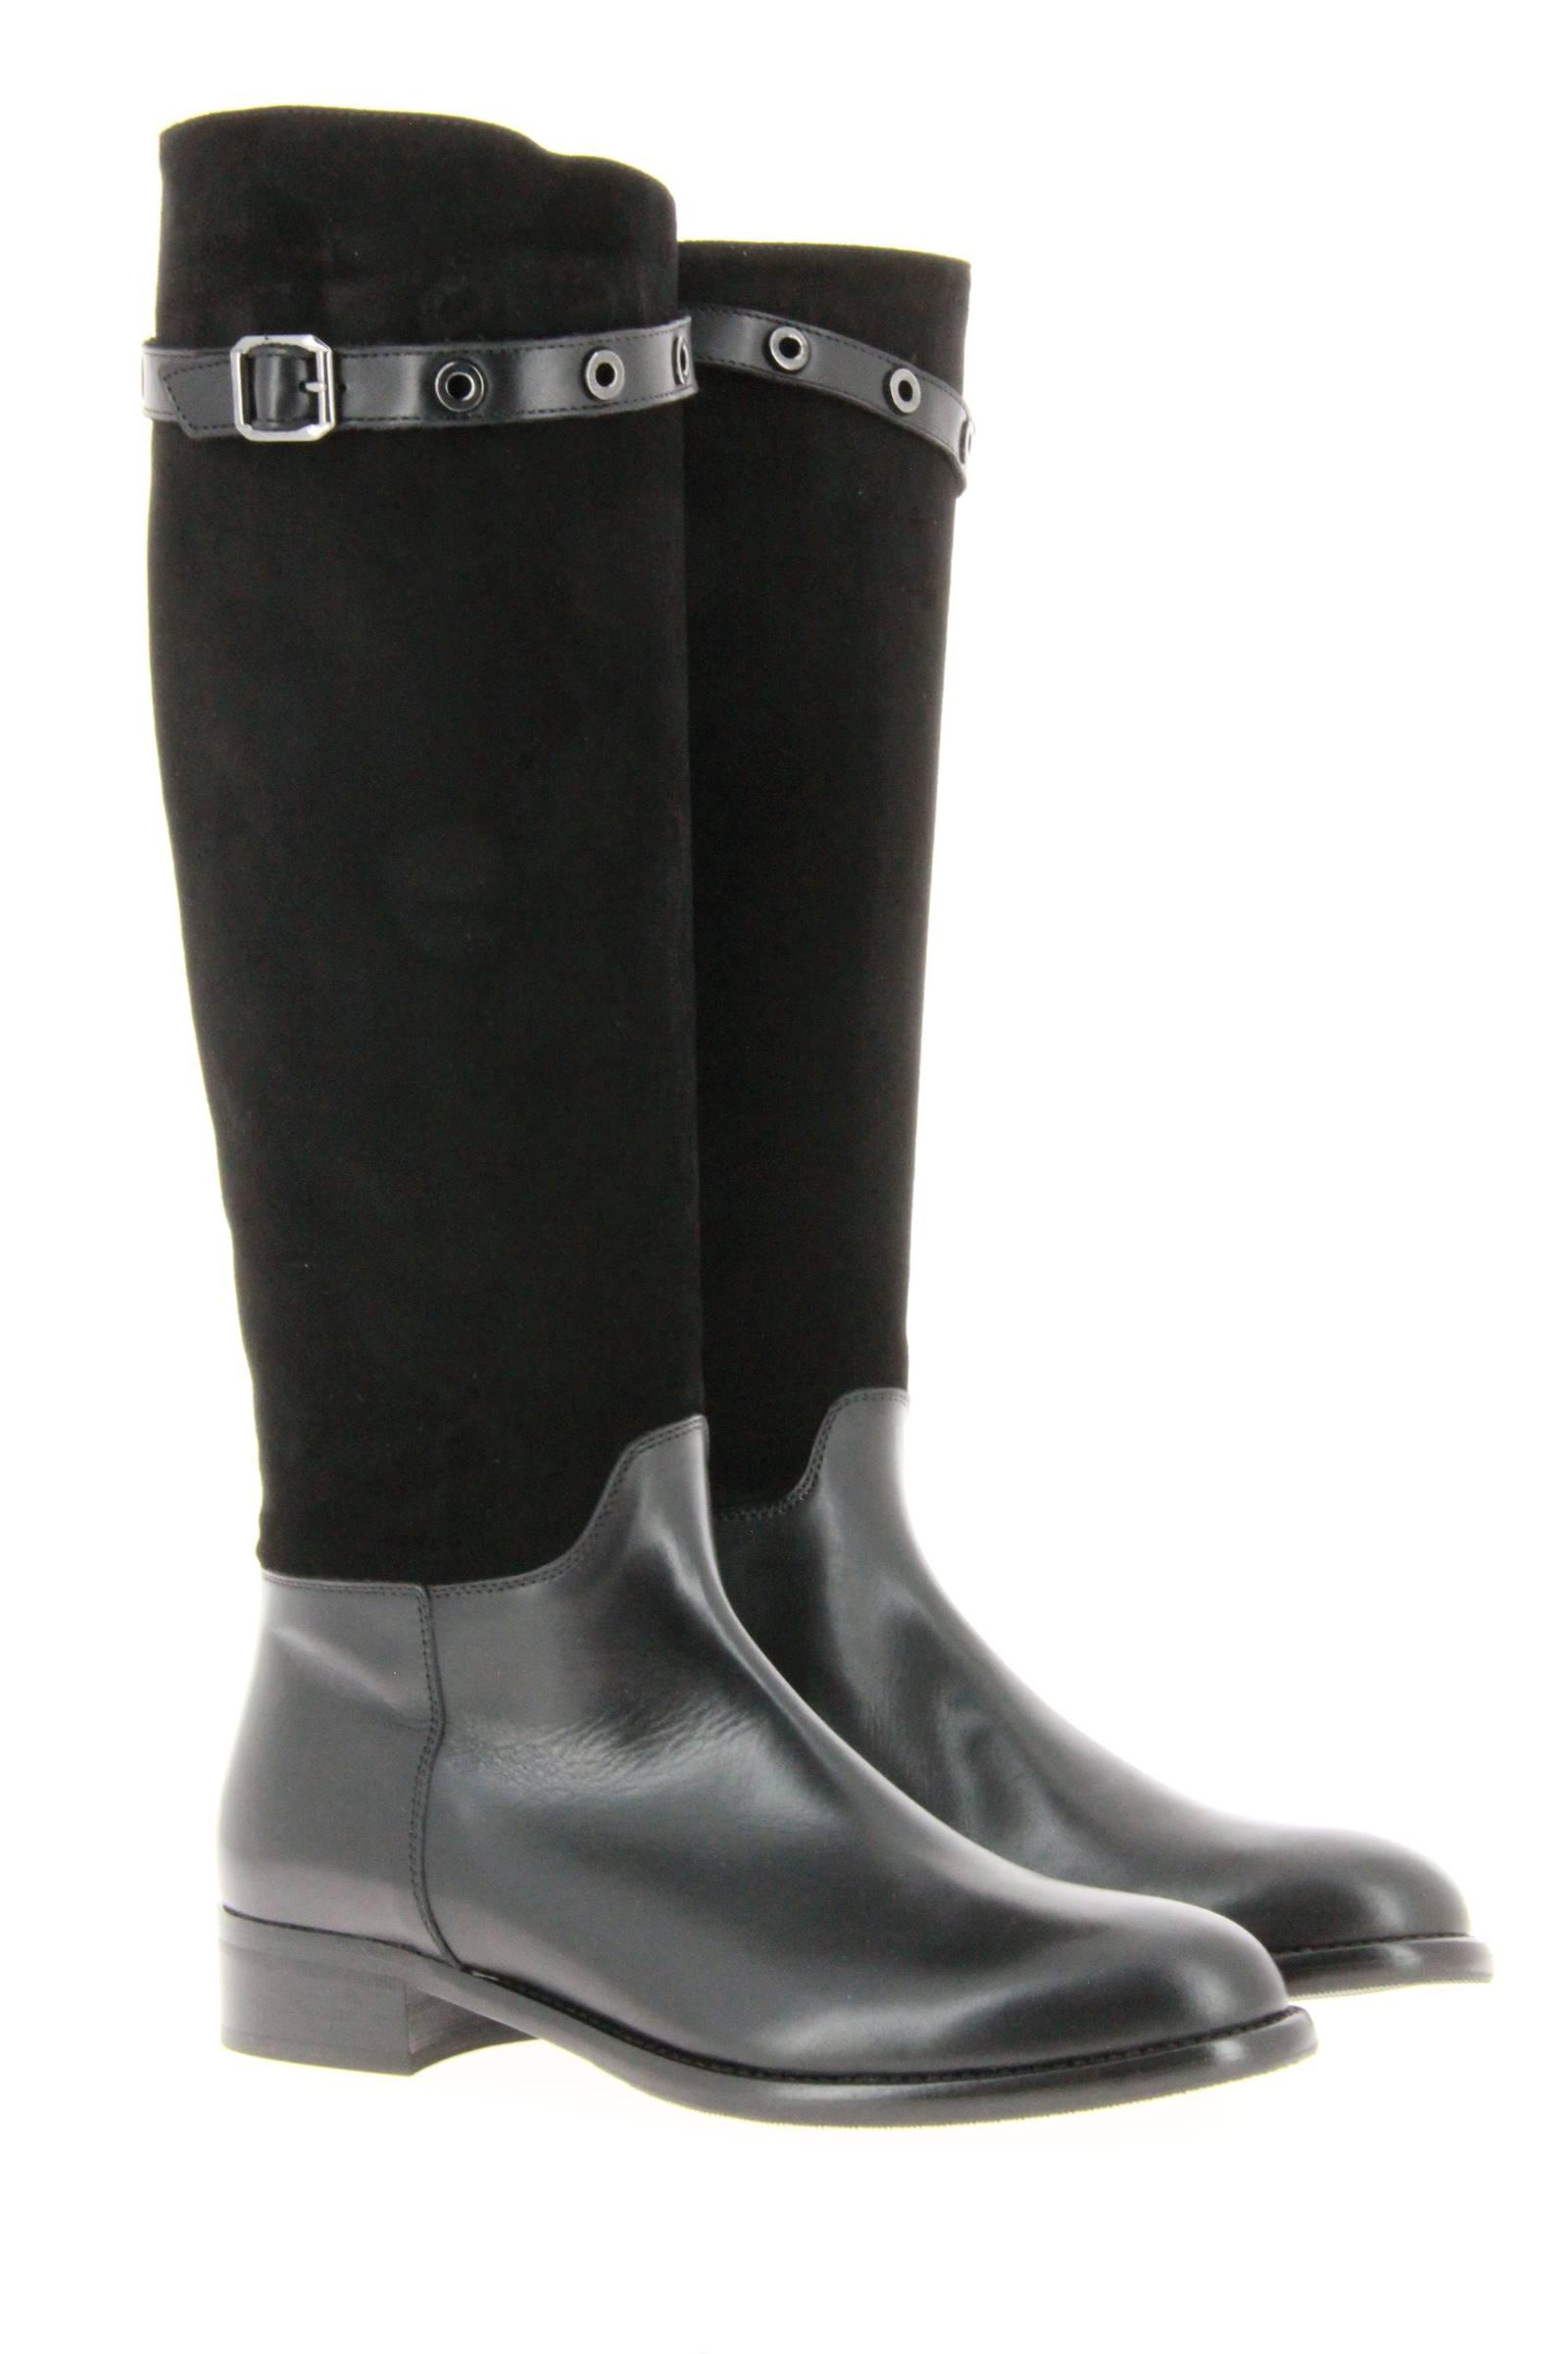 Maretto boots CAMOSCIO NERO